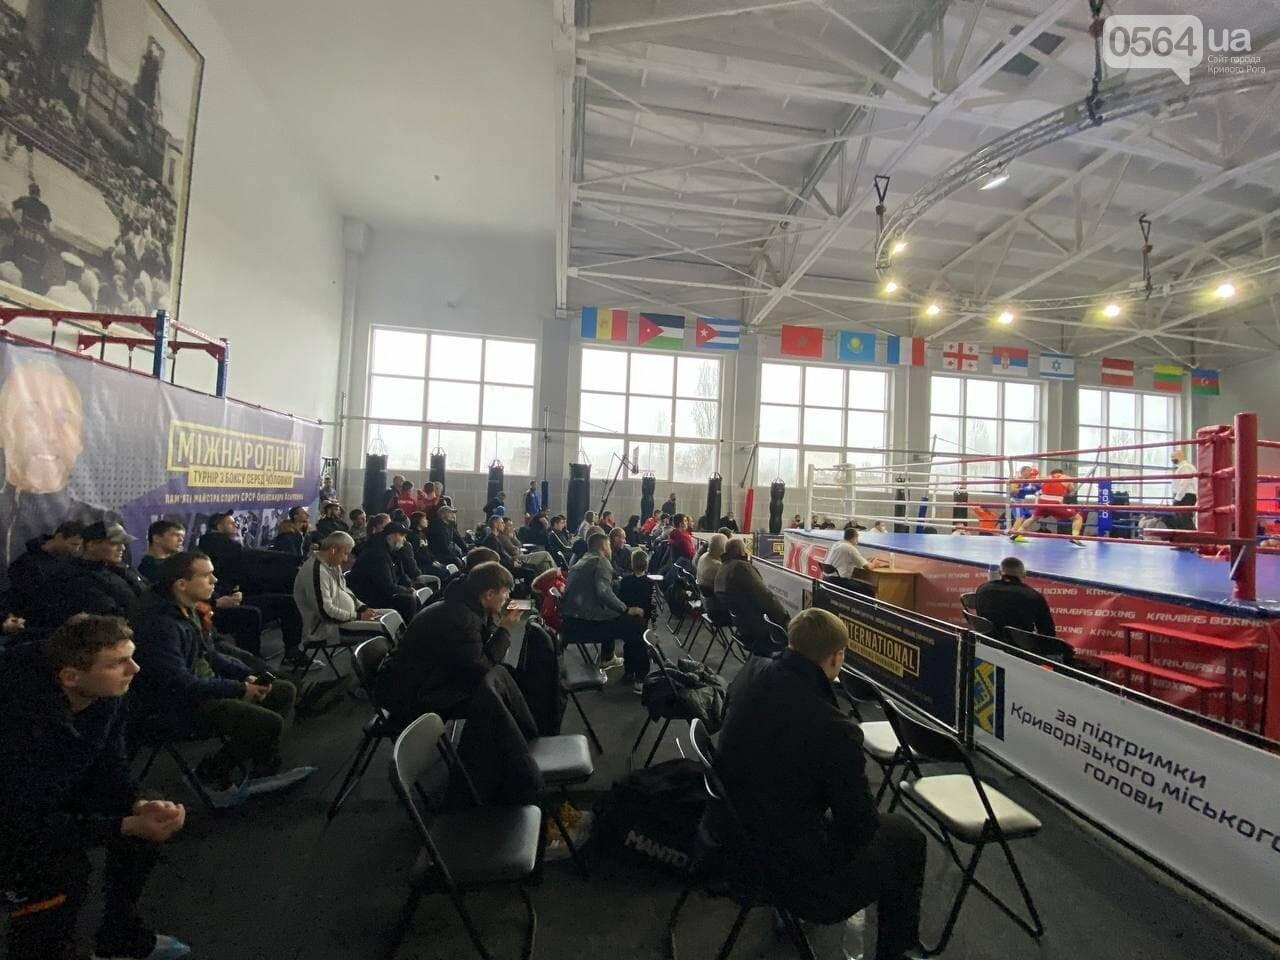 В Кривом Роге открылся Всеукраинский турнир по боксу памяти Александра Асауленко, - ФОТО, ВИДЕО , фото-5